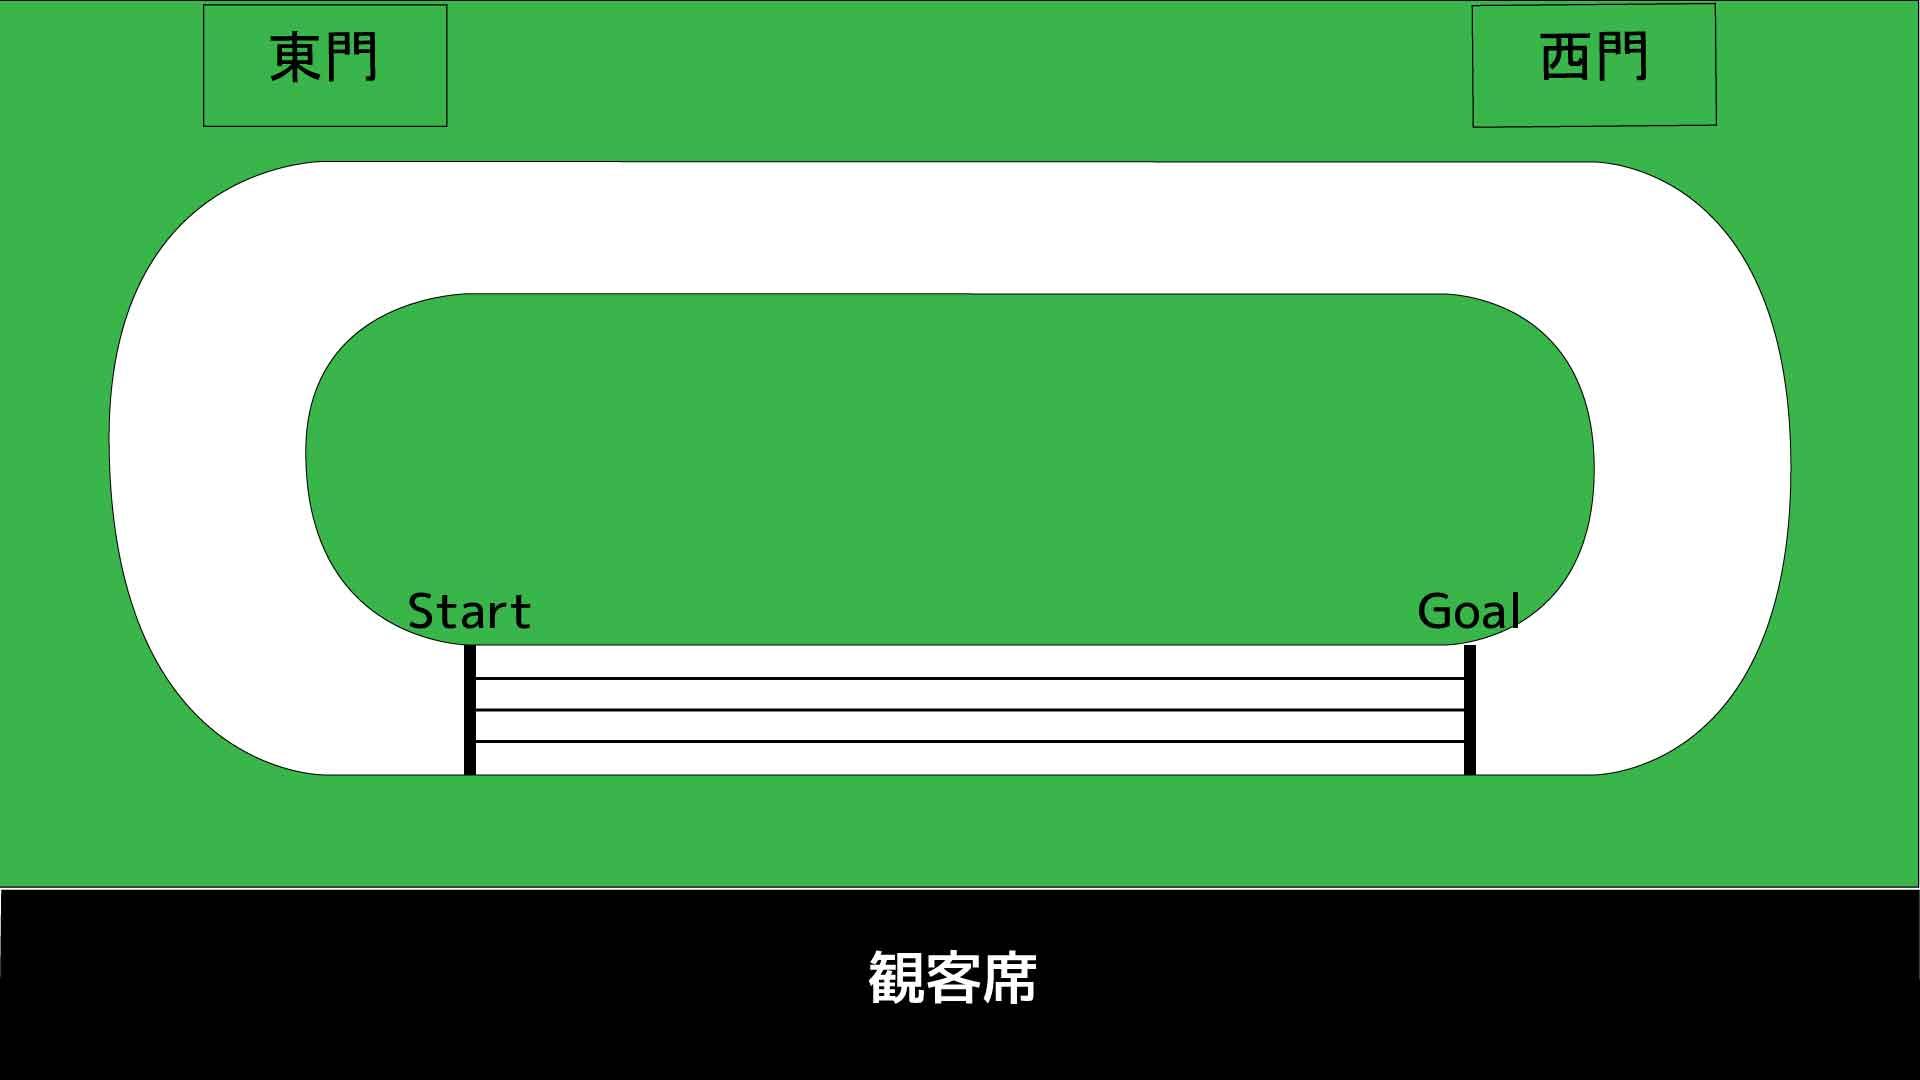 100メートルリレーのスタート・ゴール位置